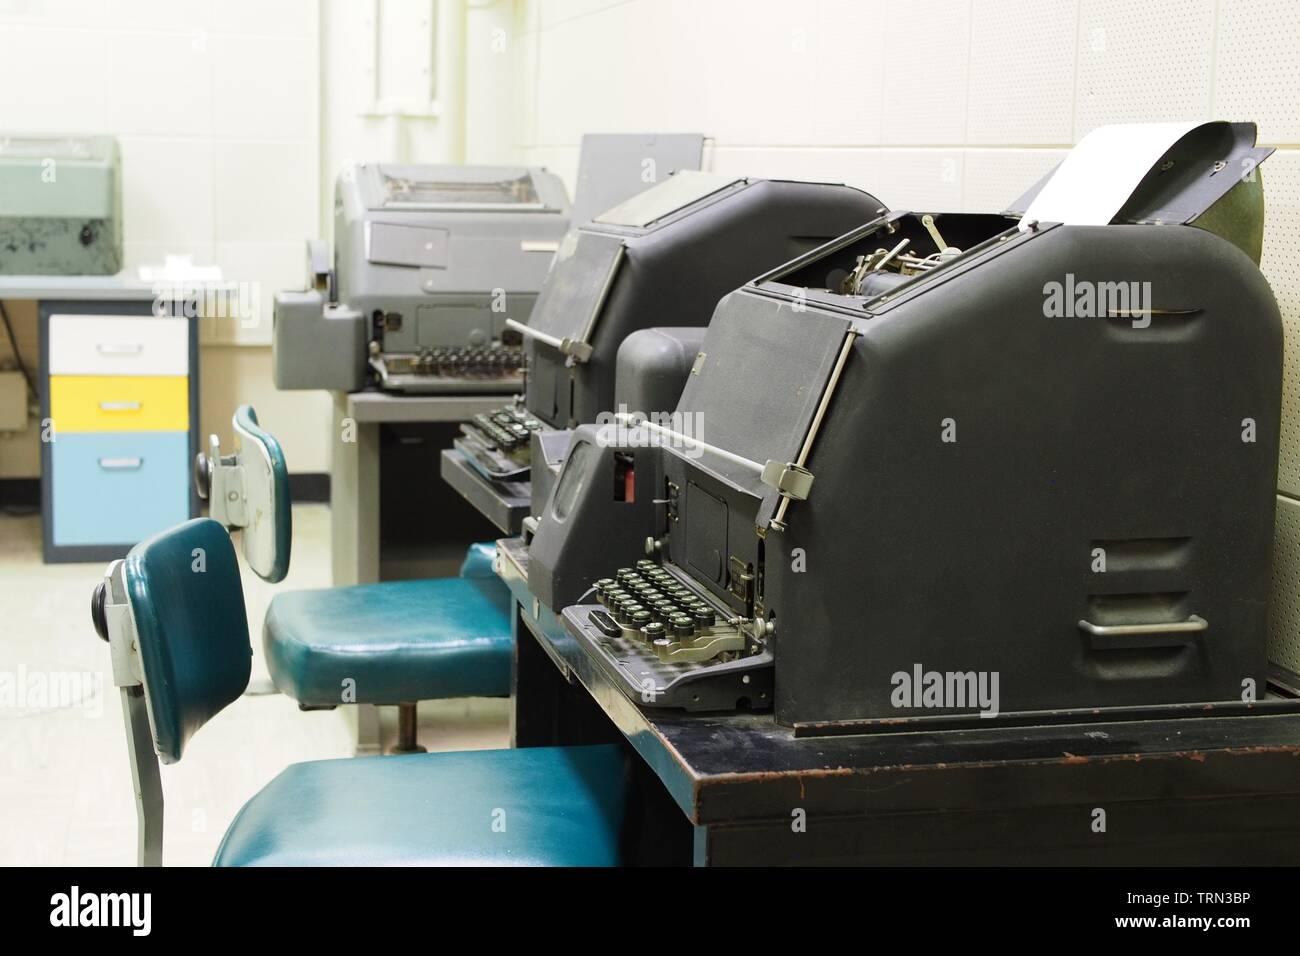 Las teleimpresoras en el centro de comunicaciones de la Diefenbunker, Canadá es el Museo de la guerra fría, ubicada en las afueras de la carpa en Ottawa, Ontario, Canadá. Imagen De Stock